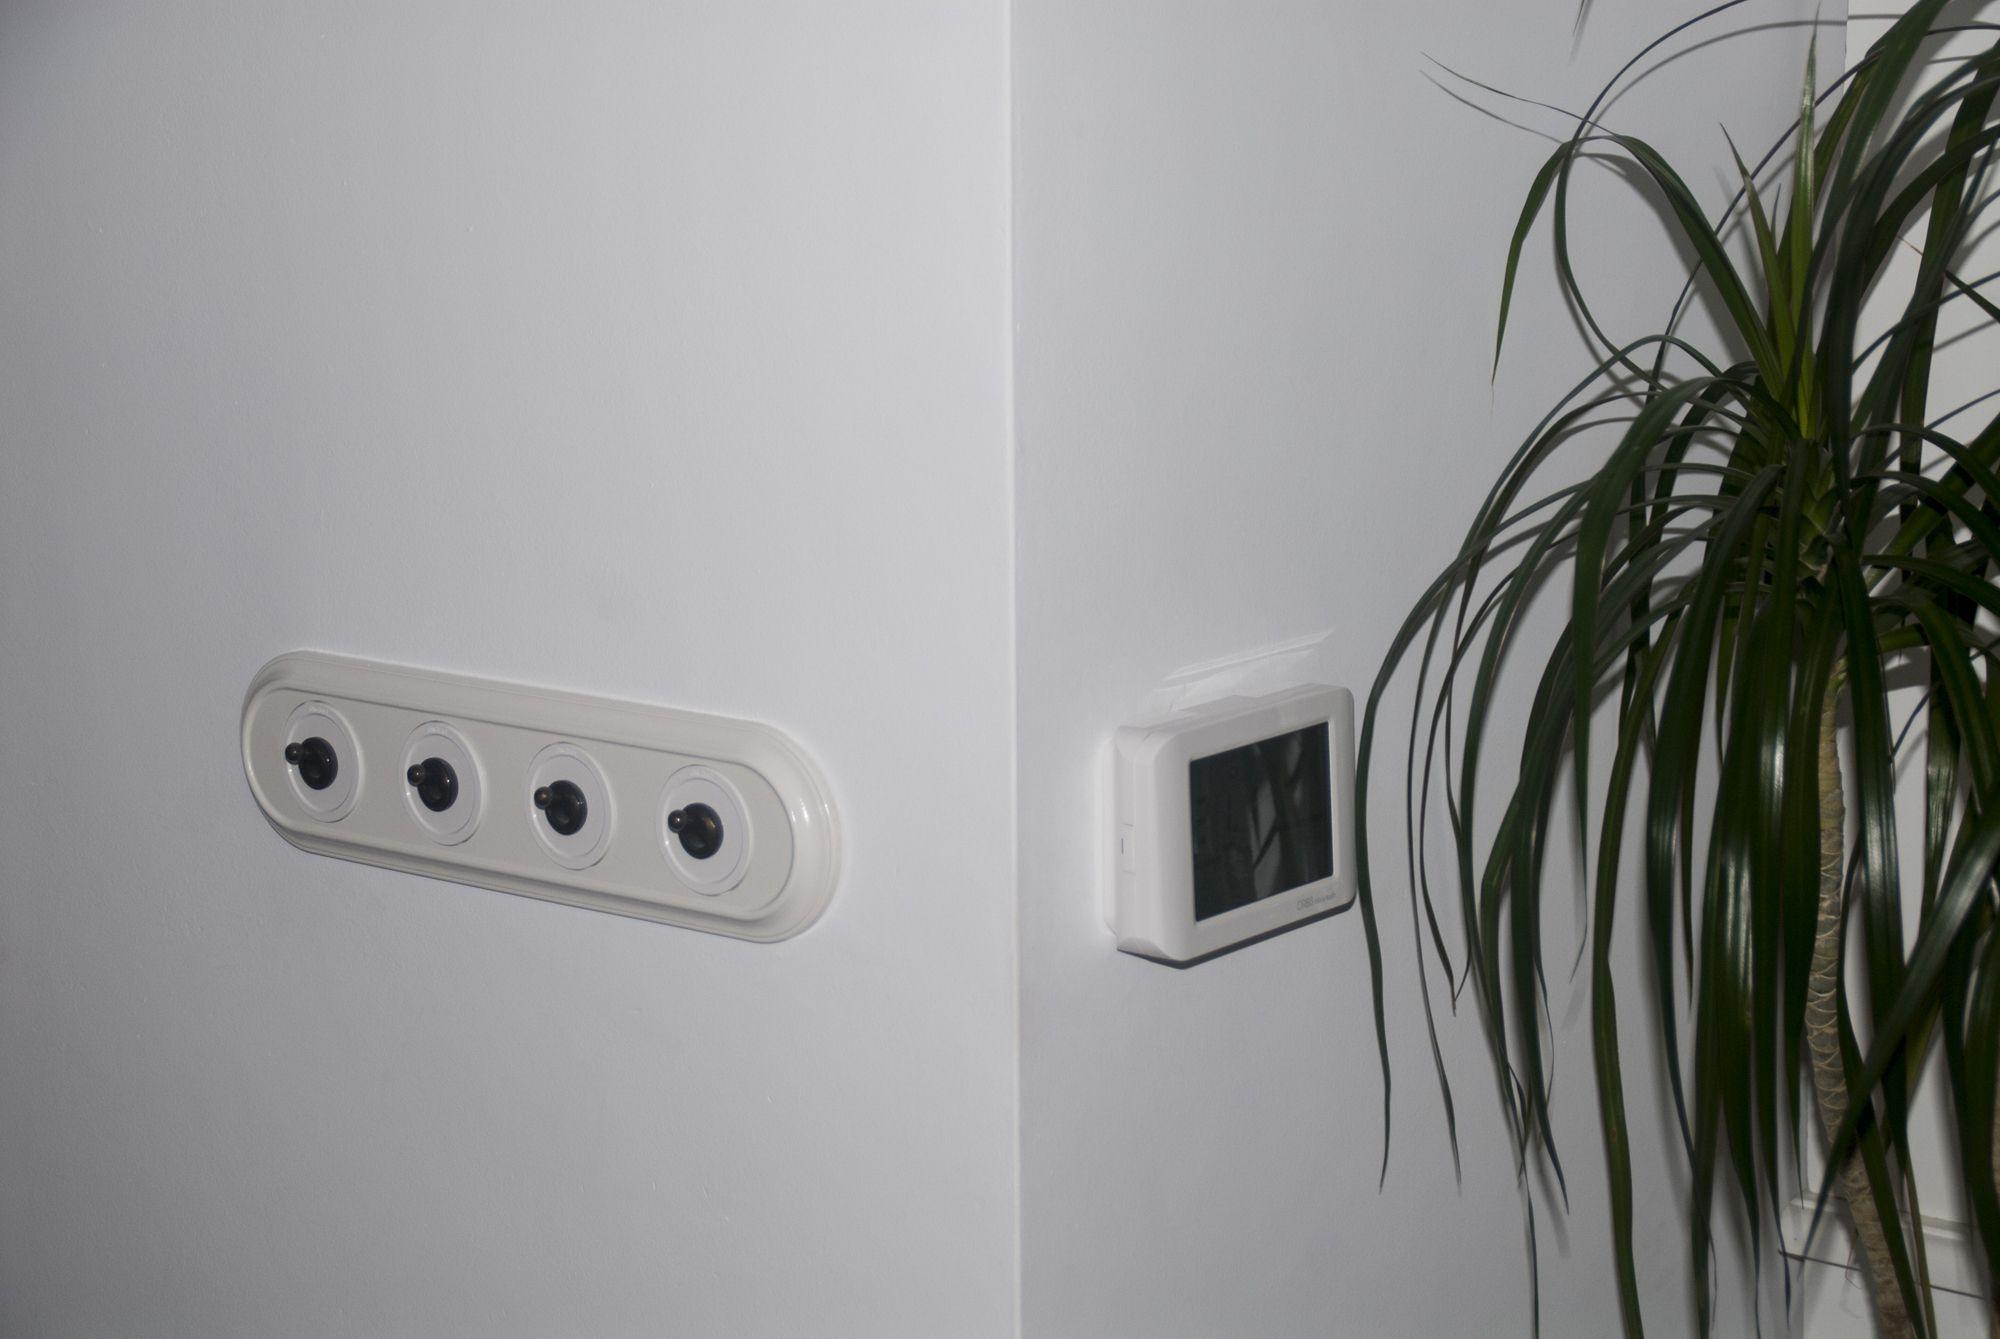 Instalaciones eléctricas en Palma de Mallorca